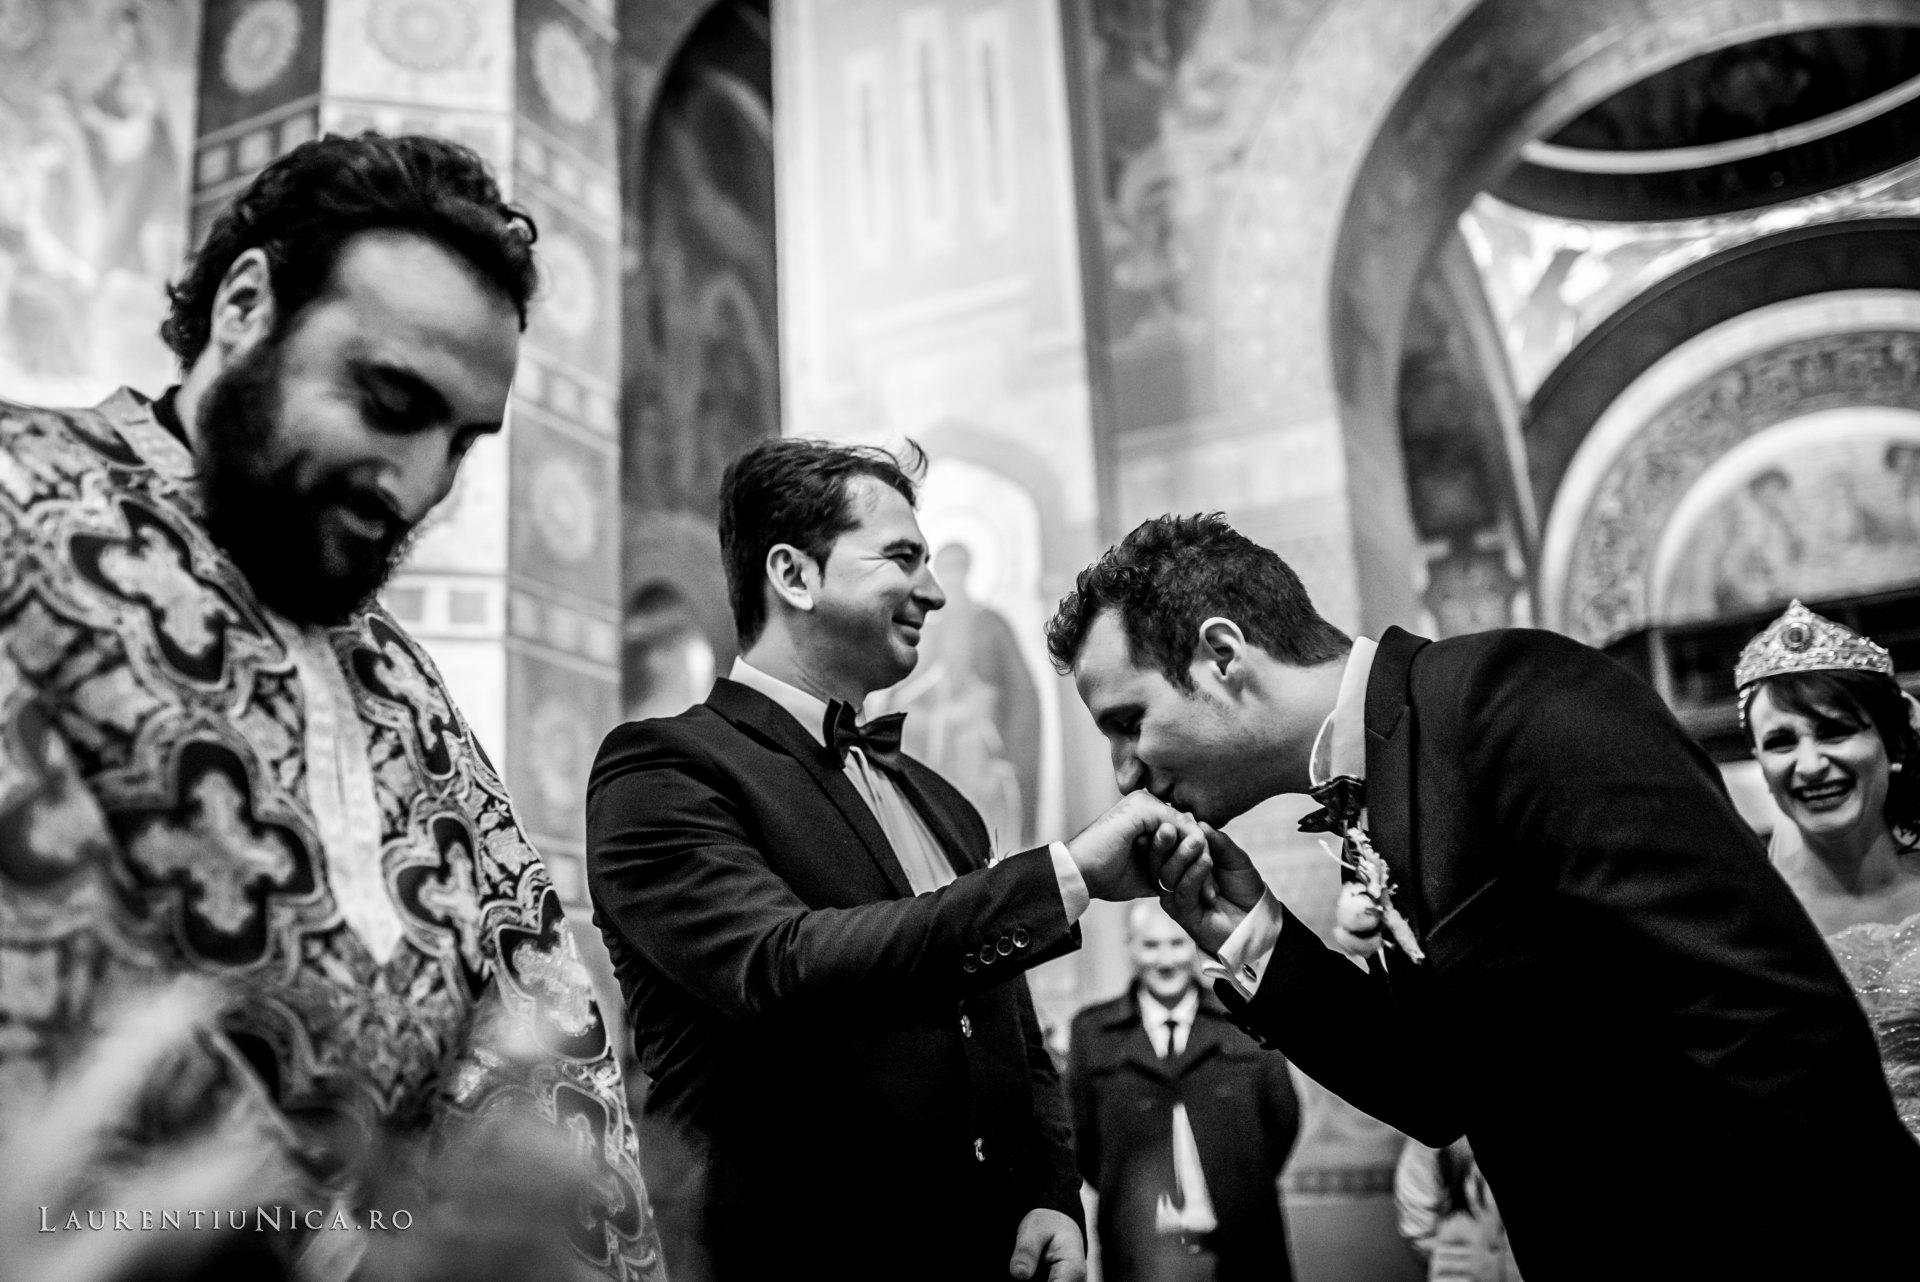 daniela si marius fotografii nunta craiova laurentiu nica26 - Daniela & Marius | Fotografii nunta